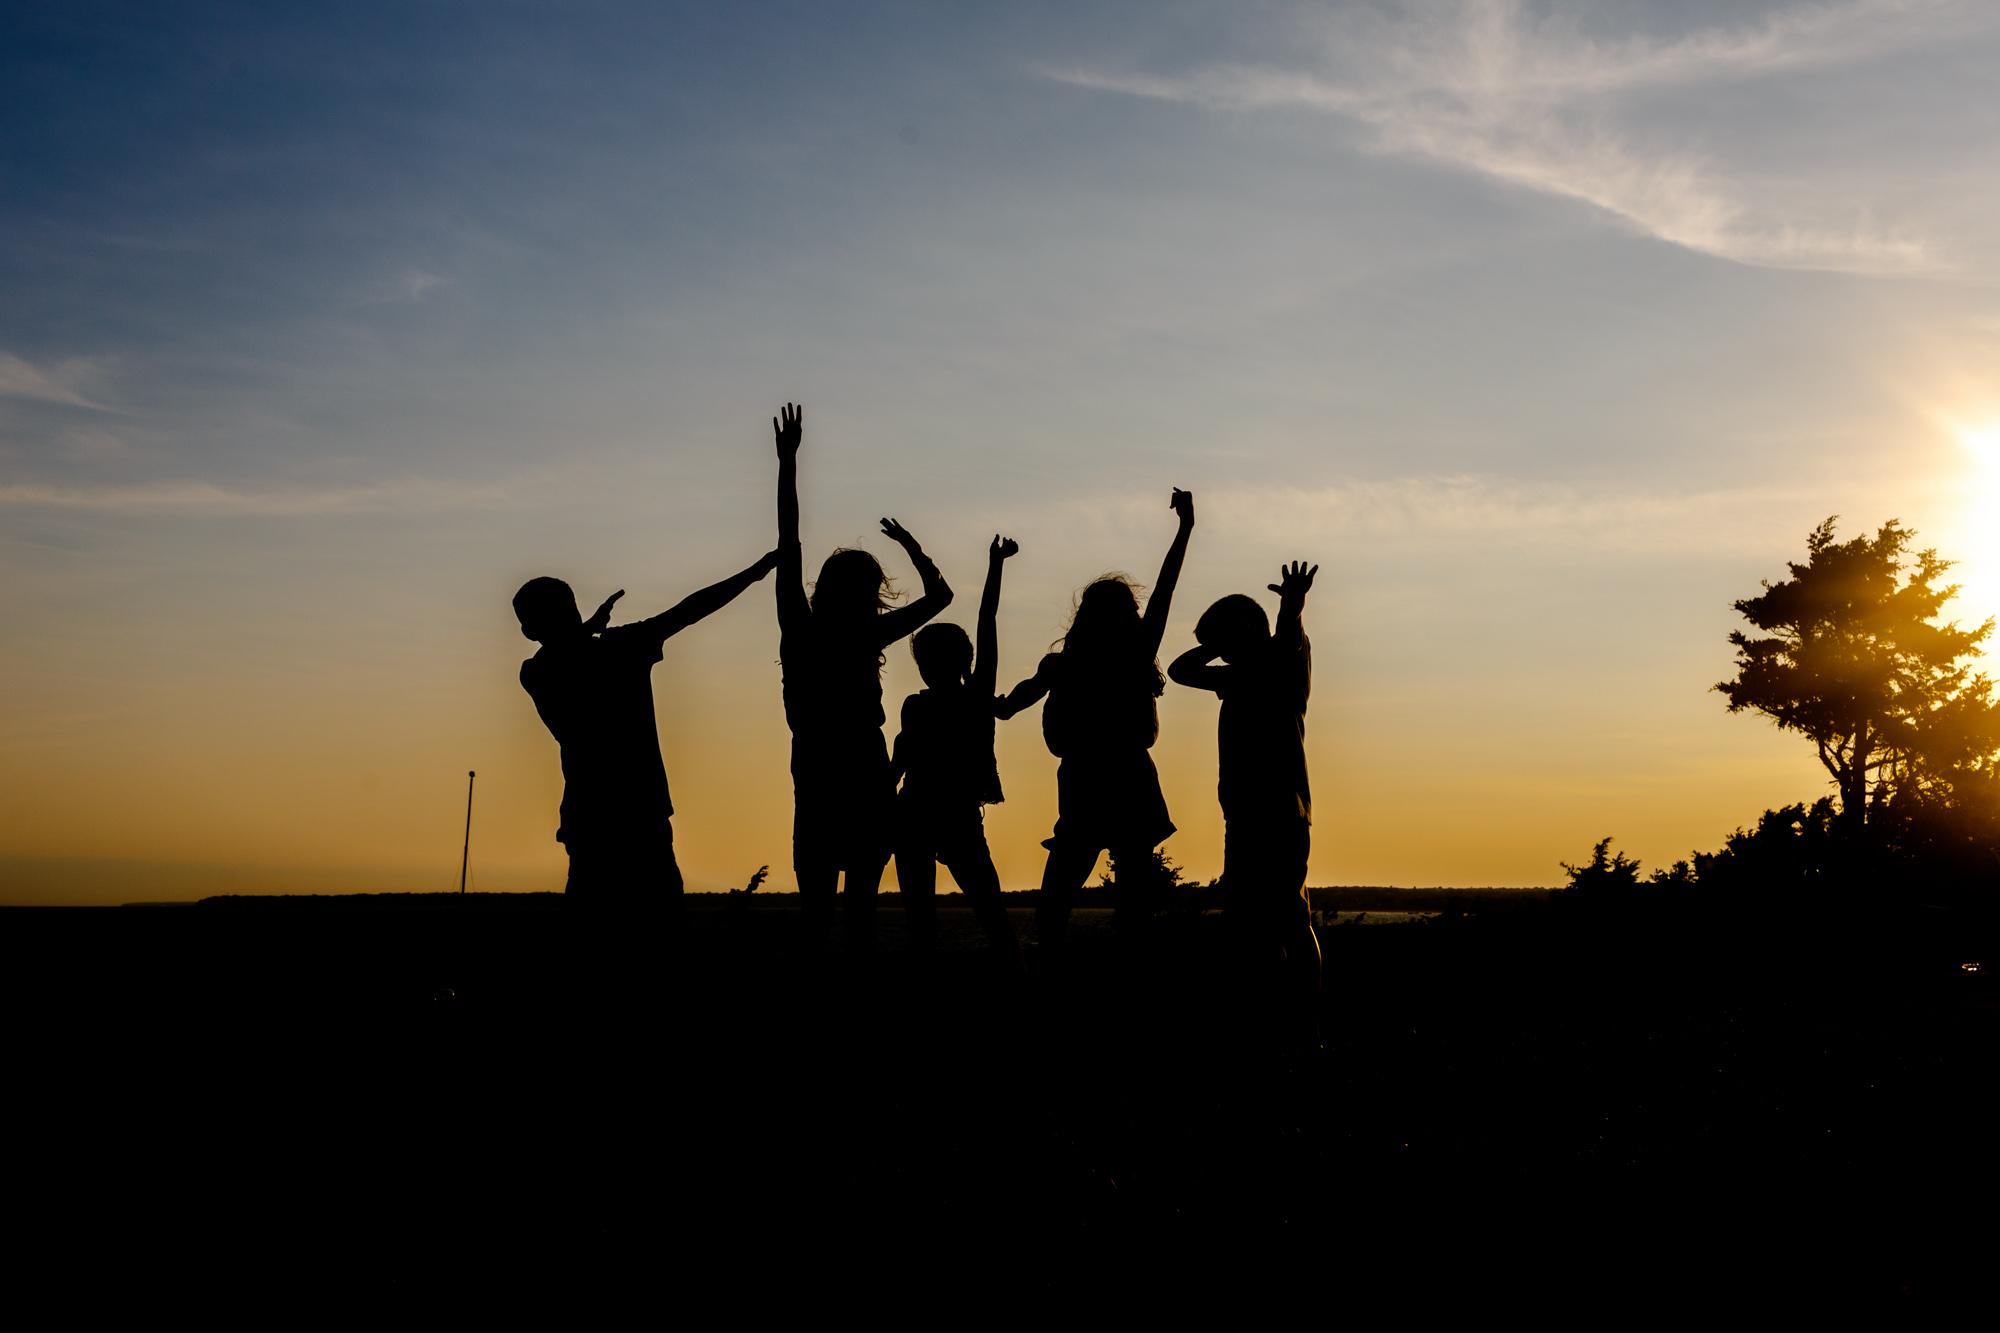 silhouette of kids posing